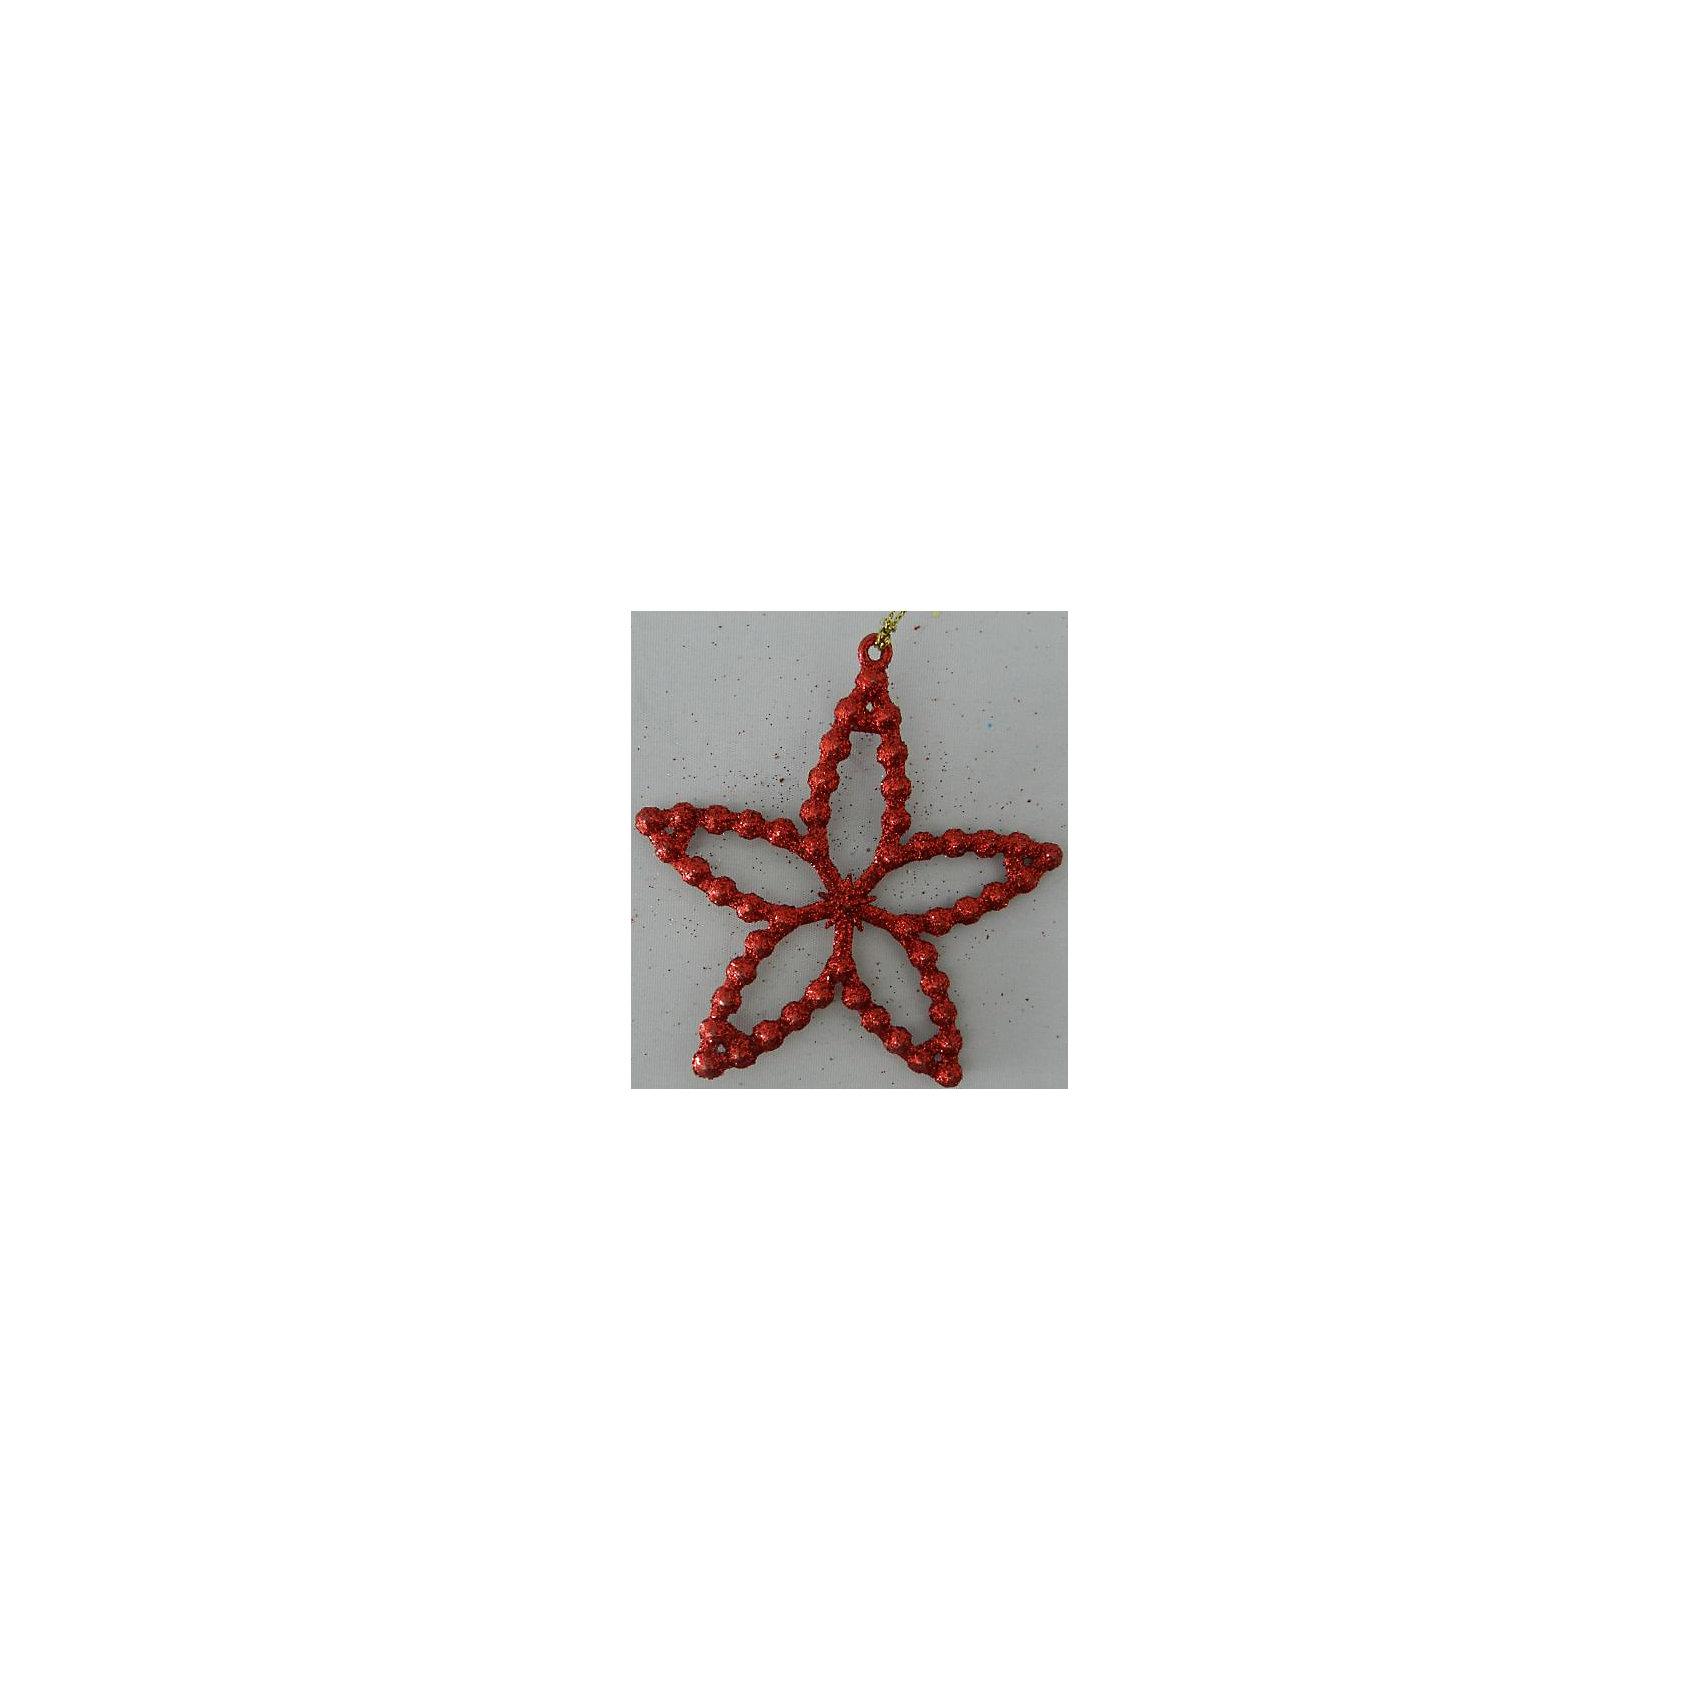 Украшение Красная звездочкаВсё для праздника<br>Новый год - самый любимый праздник у многих детей и взрослых. Праздничное настроение создает в первую очередь украшенный дом и, особенно, наряженная ёлка. Будь она из леса или искусственная - такая подвесная игрушка украсит любую!<br>Она сделана из безопасного для детей, прочного, но легкого, материала, поэтому не разобьется, упав на пол. Благодаря расцветке украшение отлично смотрится на ёлке. Создайте с ним праздничное настроение себе и близким!<br><br>Дополнительная информация:<br><br>цвет: красный;<br>материал: полипропилен;<br>размер: 10 см.<br><br>Украшение Красная звездочка можно купить в нашем магазине.<br><br>Ширина мм: 120<br>Глубина мм: 120<br>Высота мм: 60<br>Вес г: 280<br>Возраст от месяцев: 36<br>Возраст до месяцев: 2147483647<br>Пол: Унисекс<br>Возраст: Детский<br>SKU: 4981340